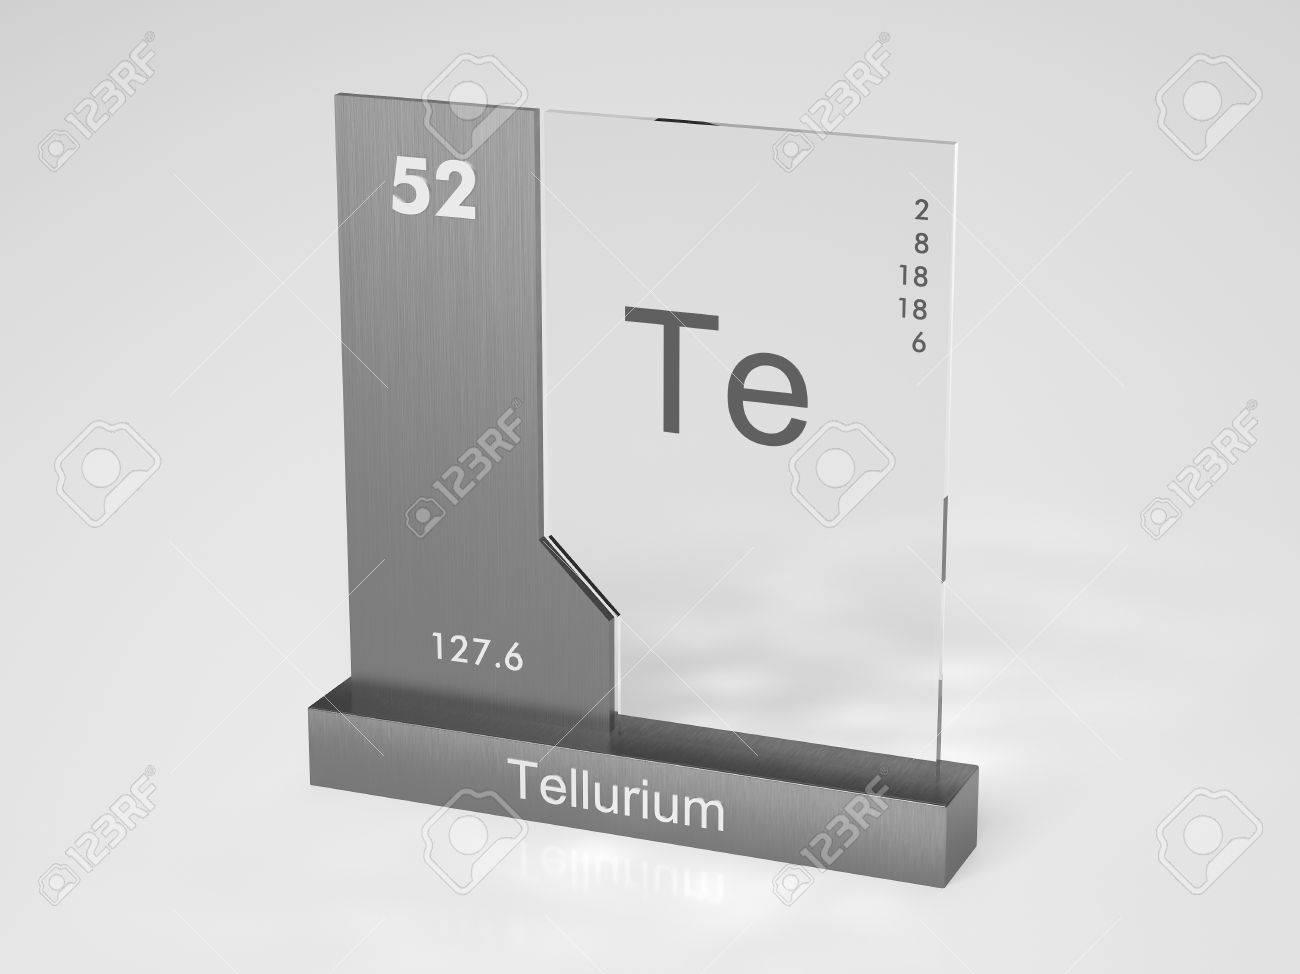 Tellurium symbol te chemical element of the periodic table tellurium symbol te chemical element of the periodic table stock photo 10470013 gamestrikefo Choice Image